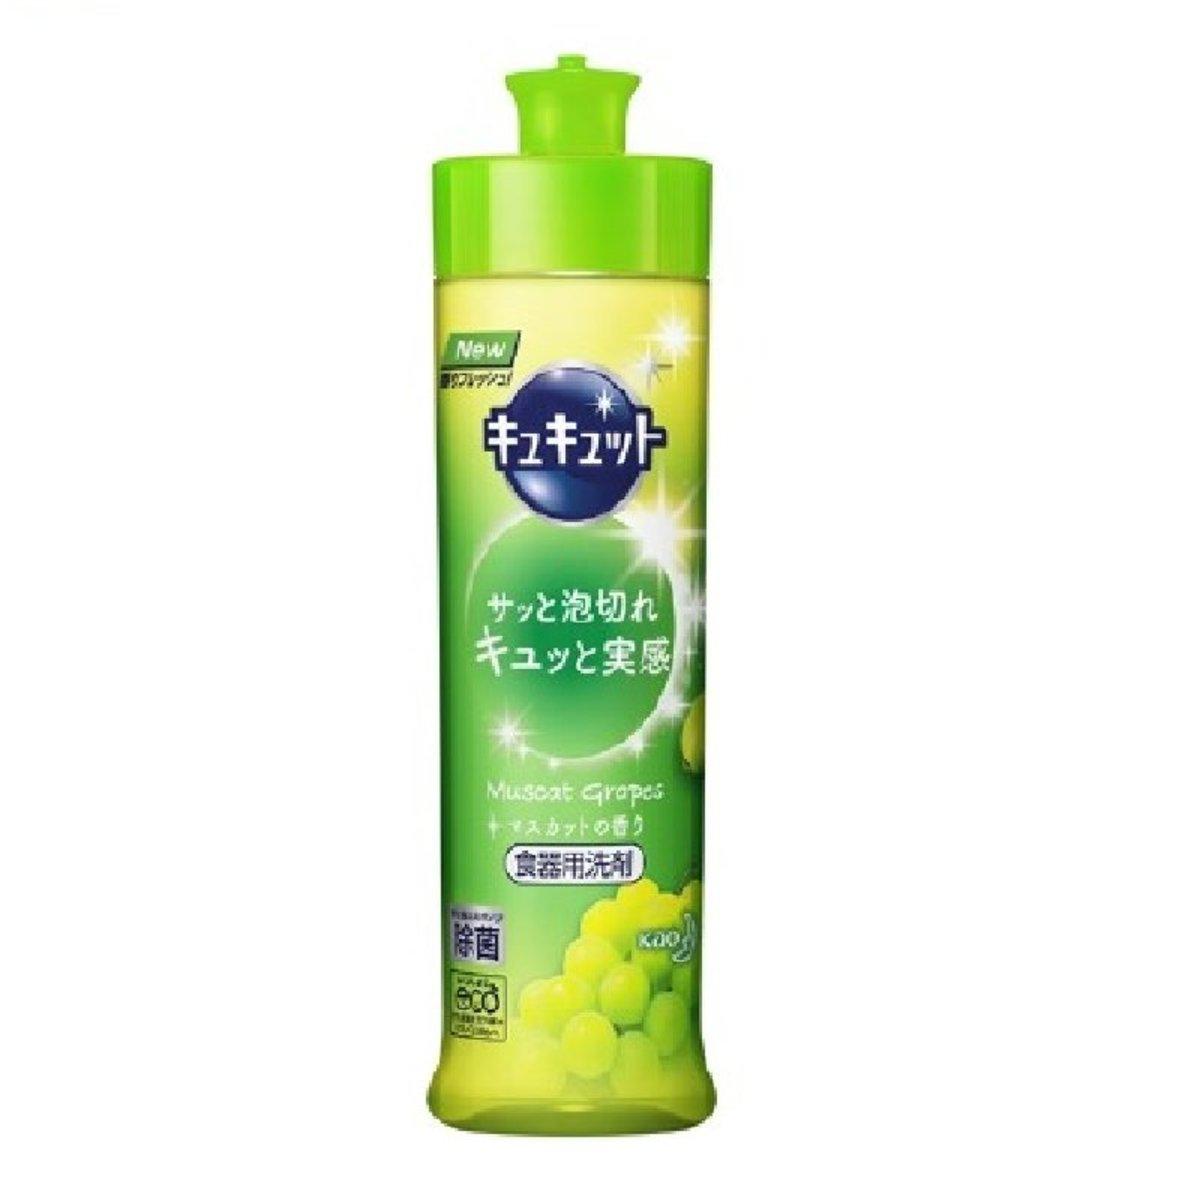 (可洗蔬果)#麝香葡萄 除菌食器洗潔精(綠) 240ml